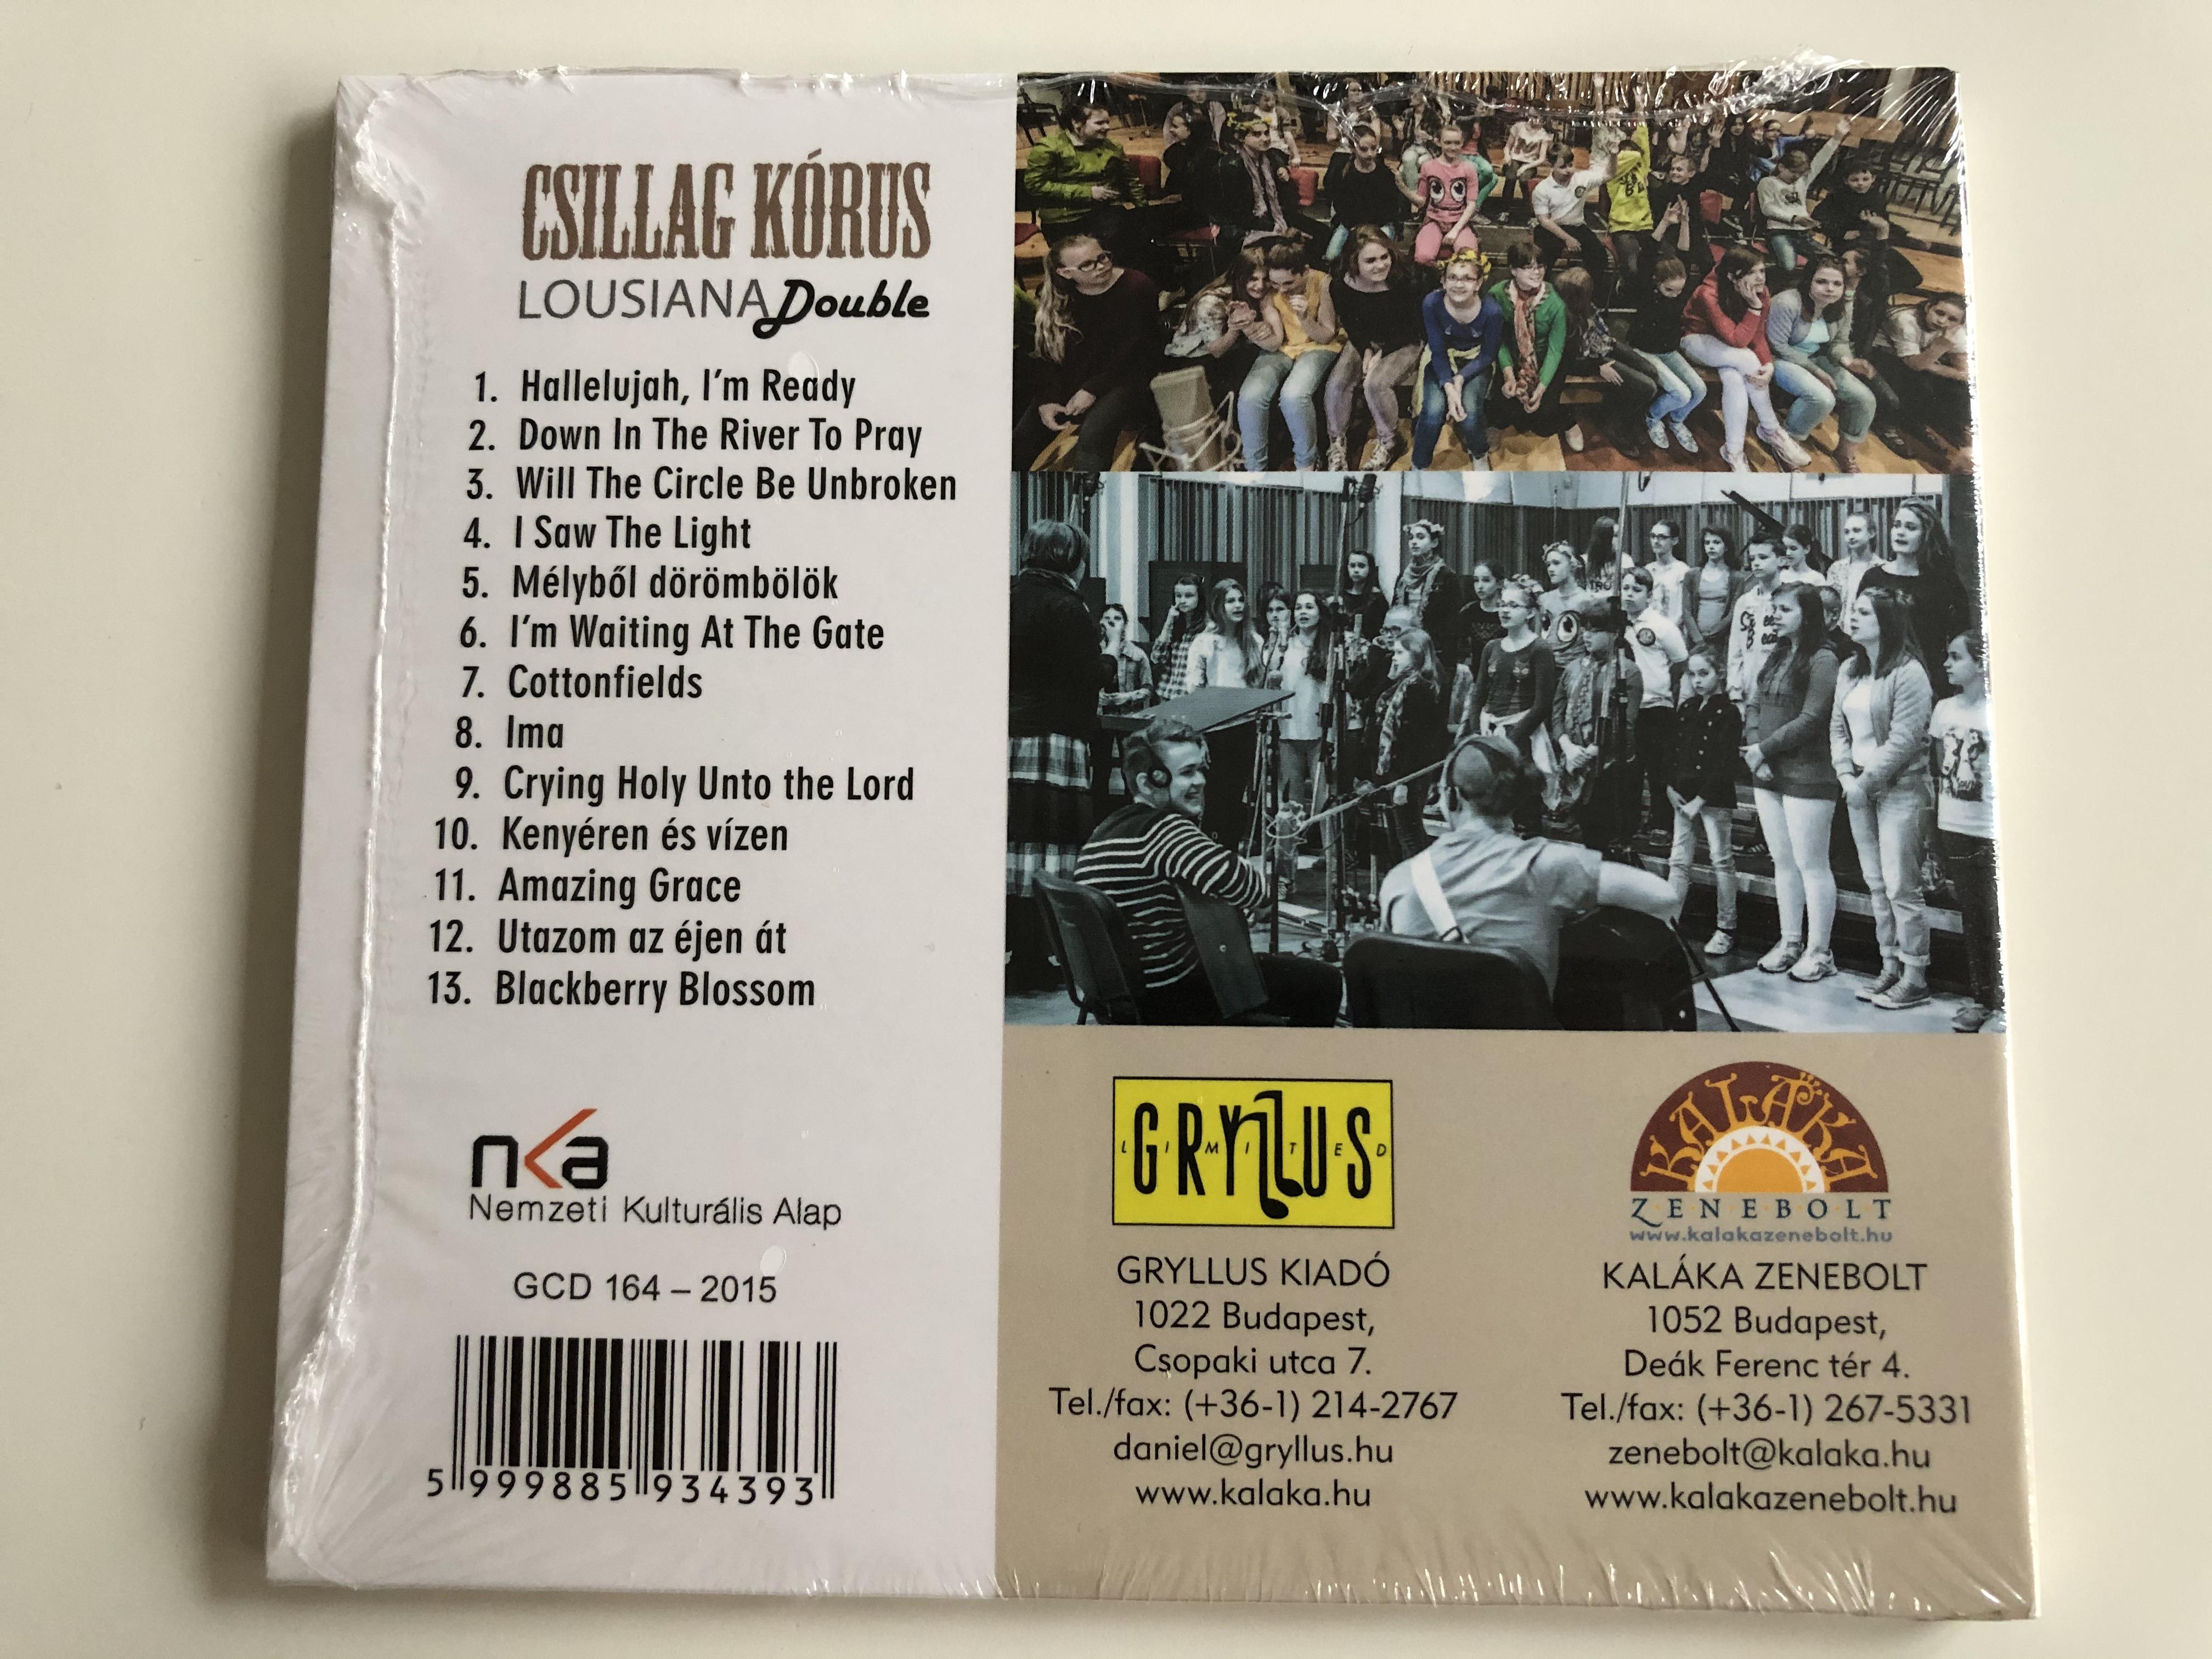 csillag-k-rus-louisiana-double-gryllus-audio-cd-2015-gcd-164-2015-2-.jpg